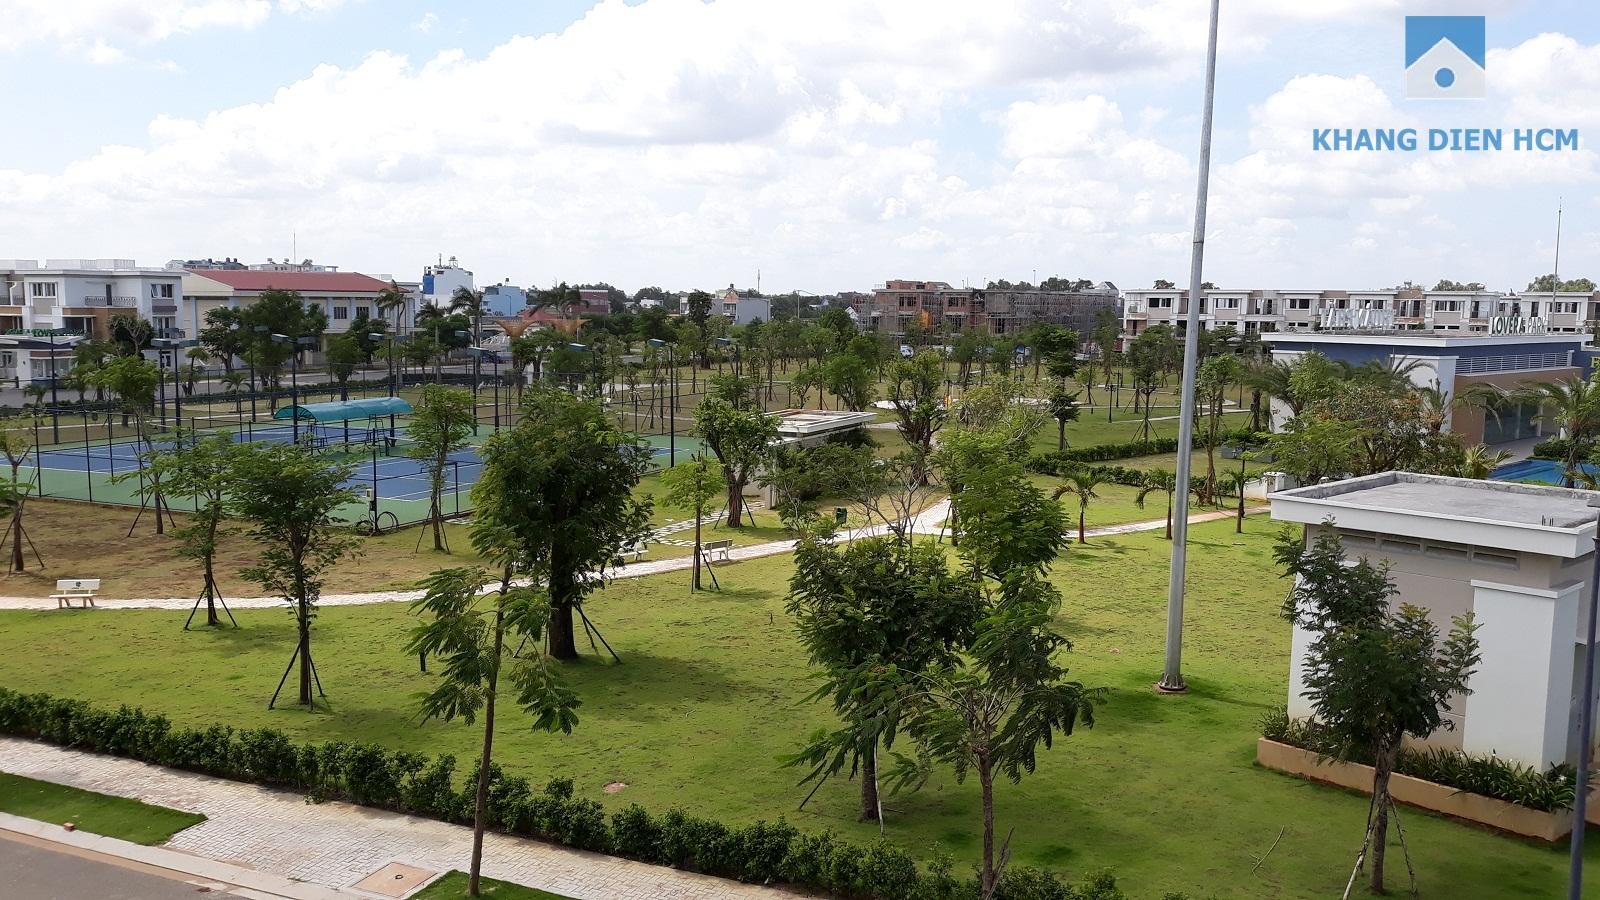 Công viên trung tâm và sân tennis phục vụ cho cư dân về đây sinh sống đã hoàn thiện - Khang Điền HCM